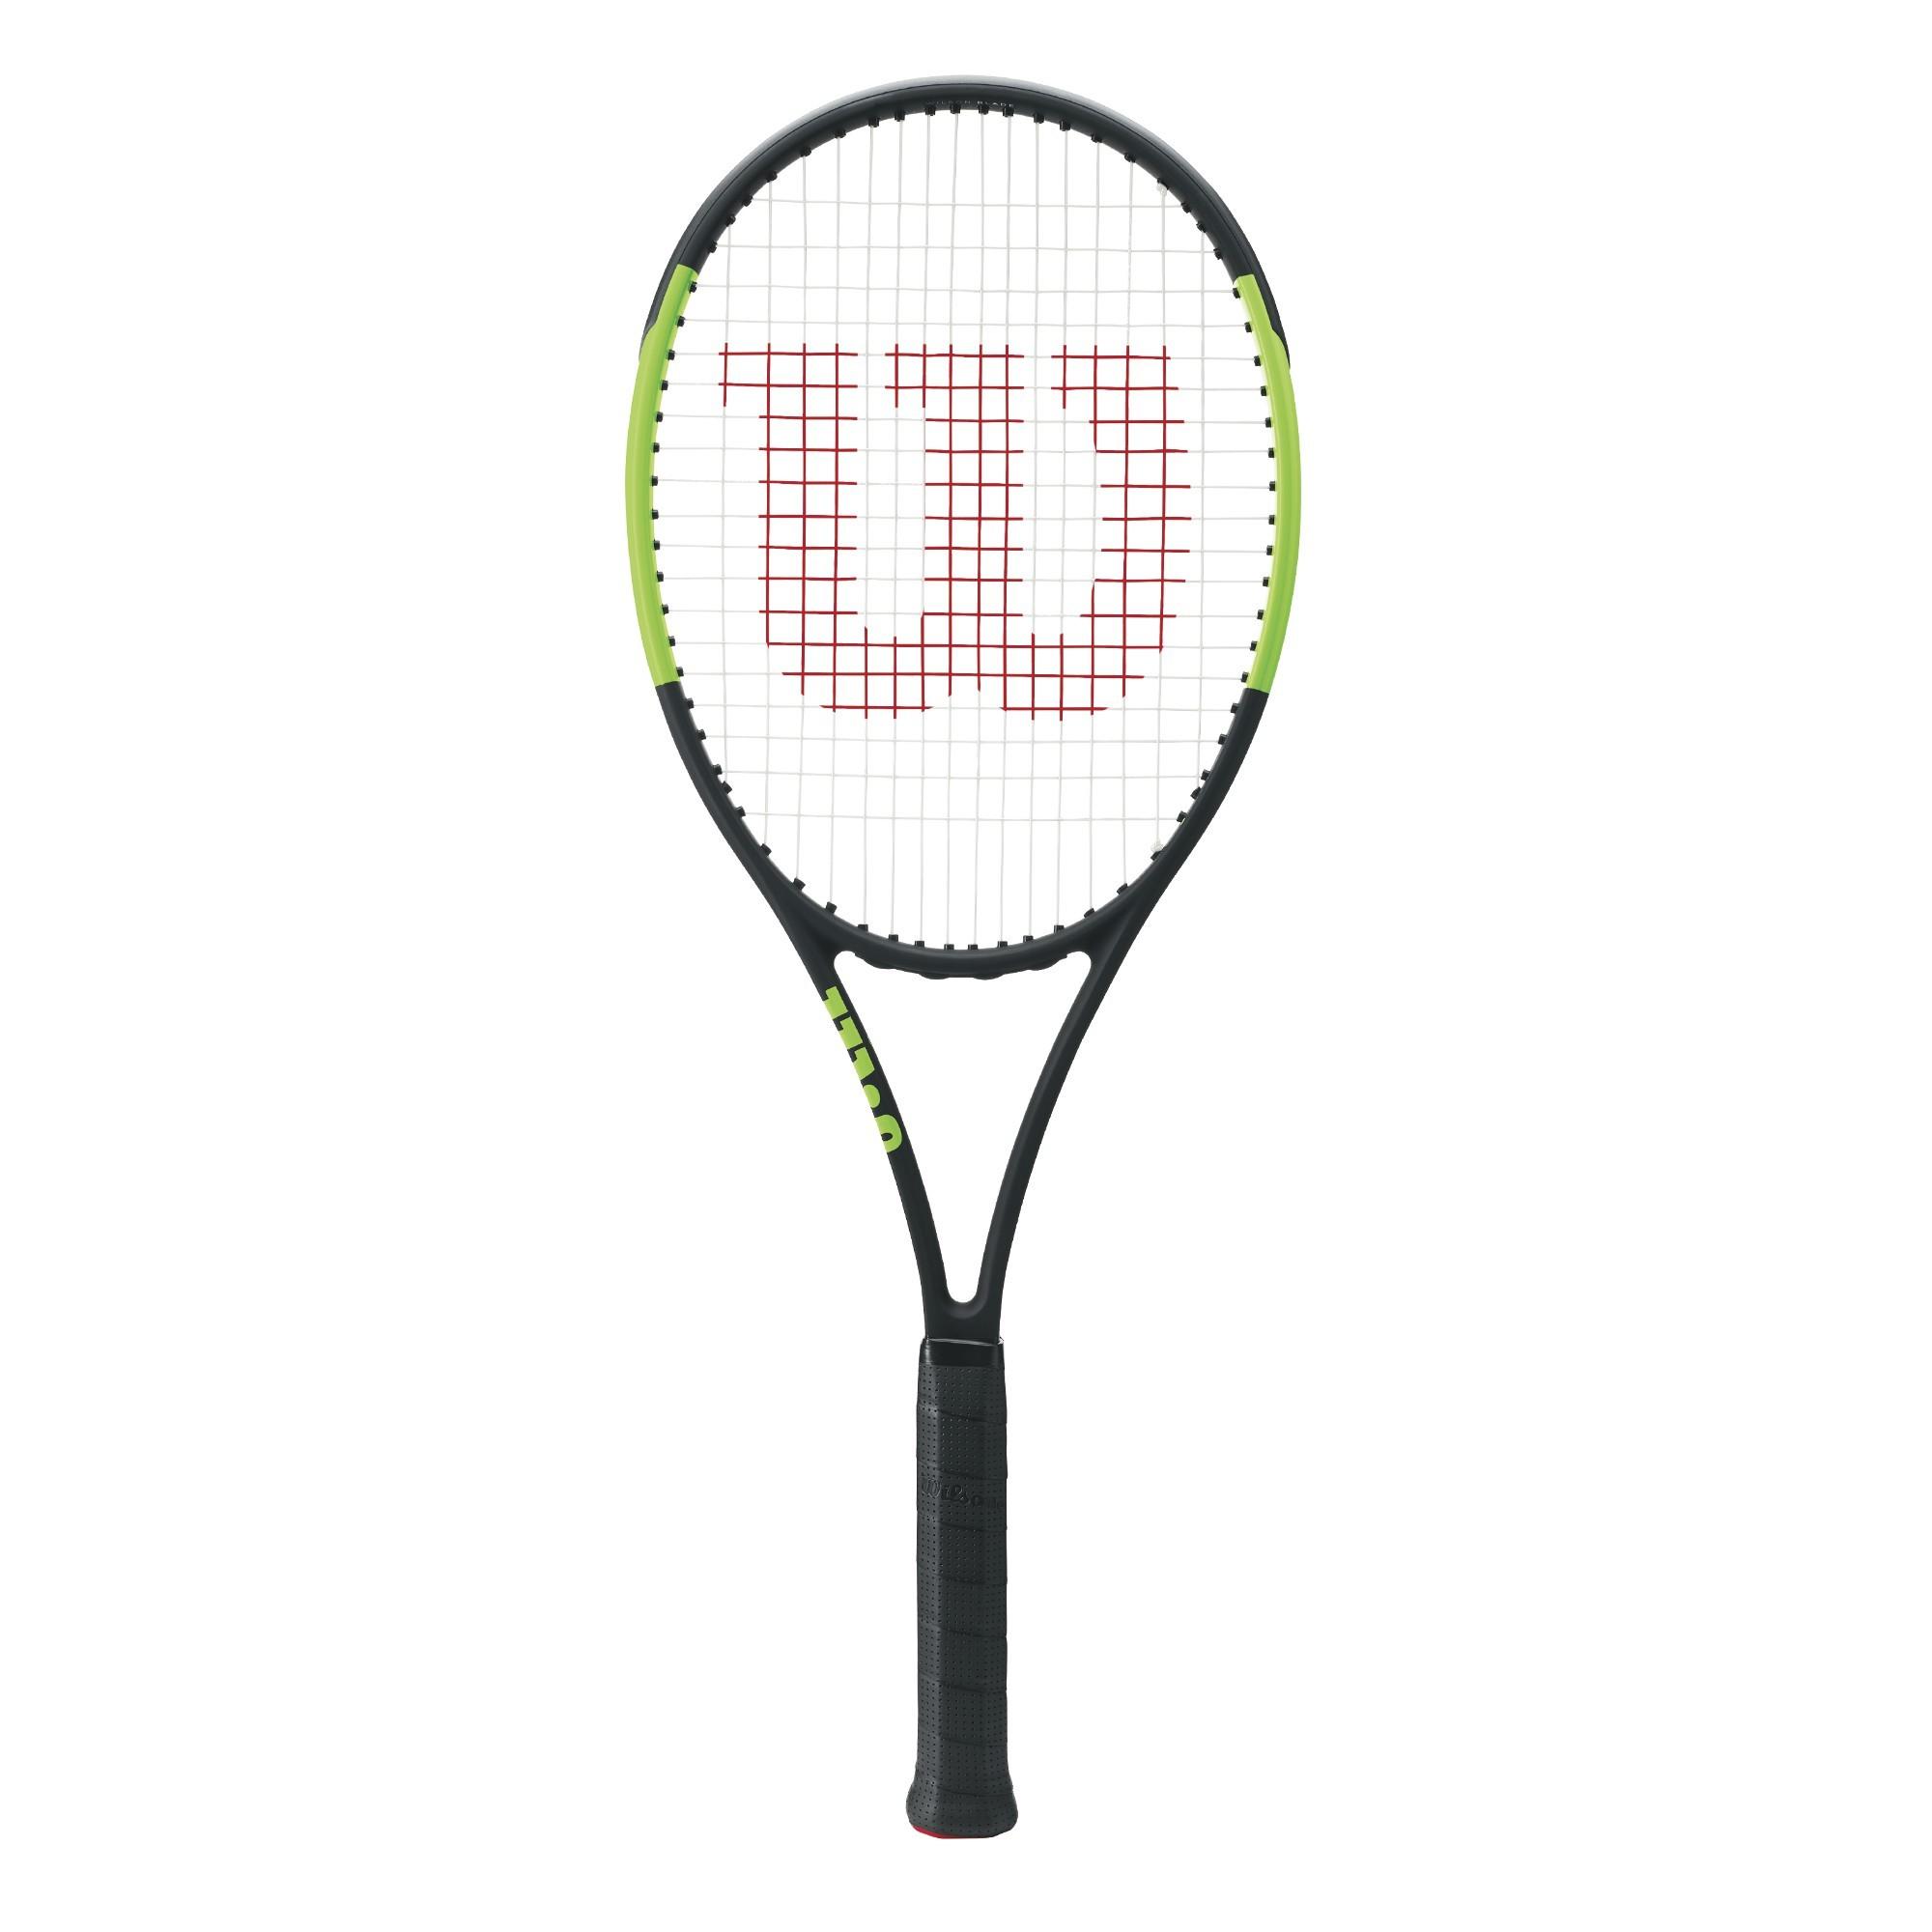 Rakieta tenisowa Wilson Blade 98 16x19 Countervail + naciąg Luxilon